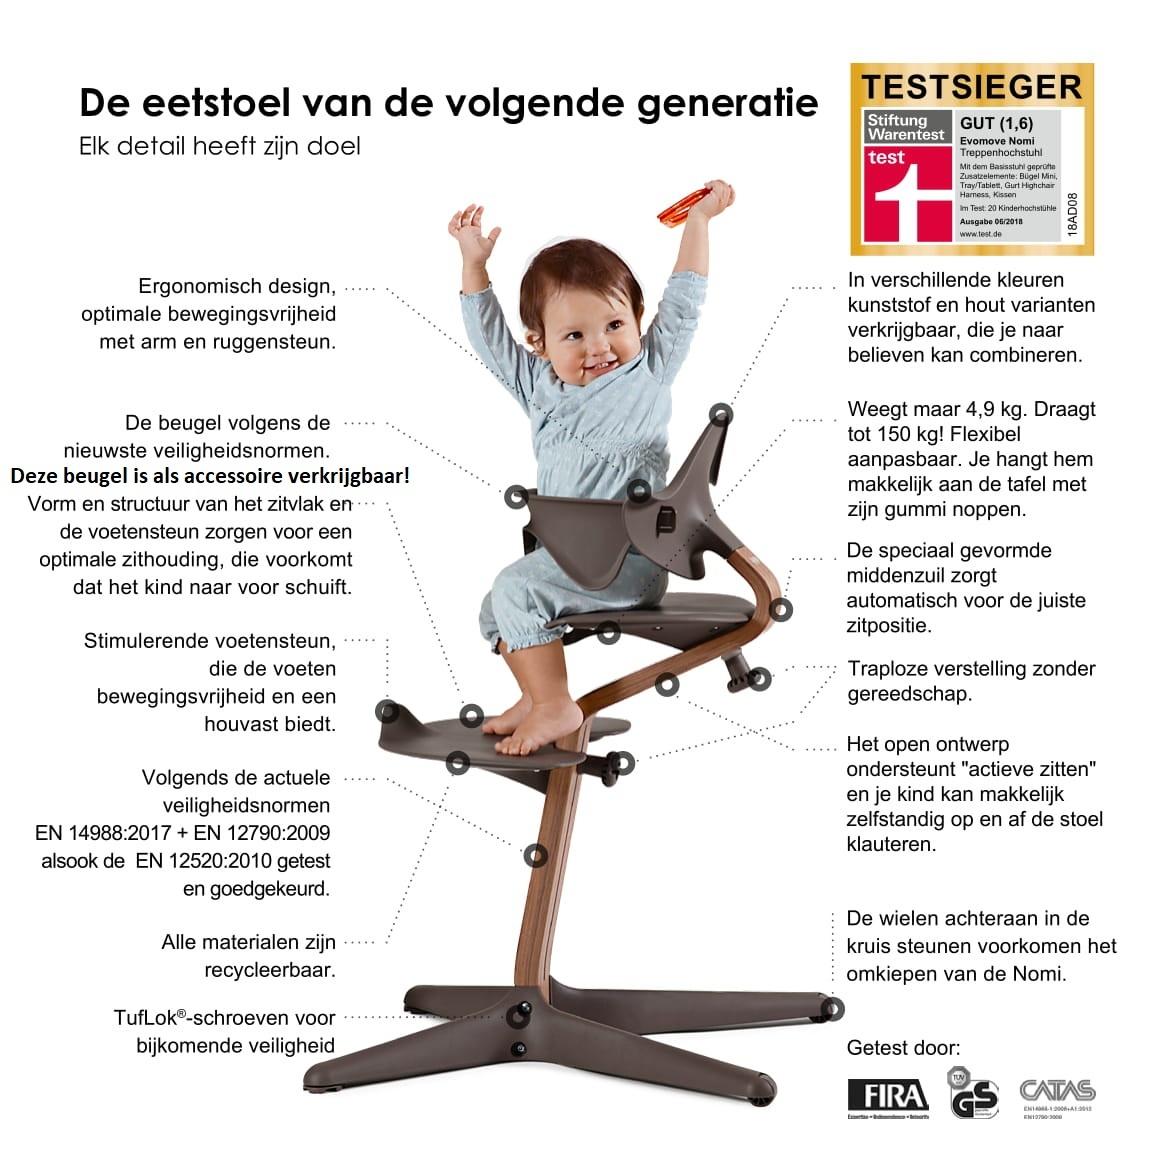 Nomi NOMI Hochstuhl: Ideales Set ab 6 Monaten mit Sockel mit Grow Chair, Sitzkissen, Halterung, Tablett und Gurt - Base Eiche weiß geölt, Stuhl Burned Orange